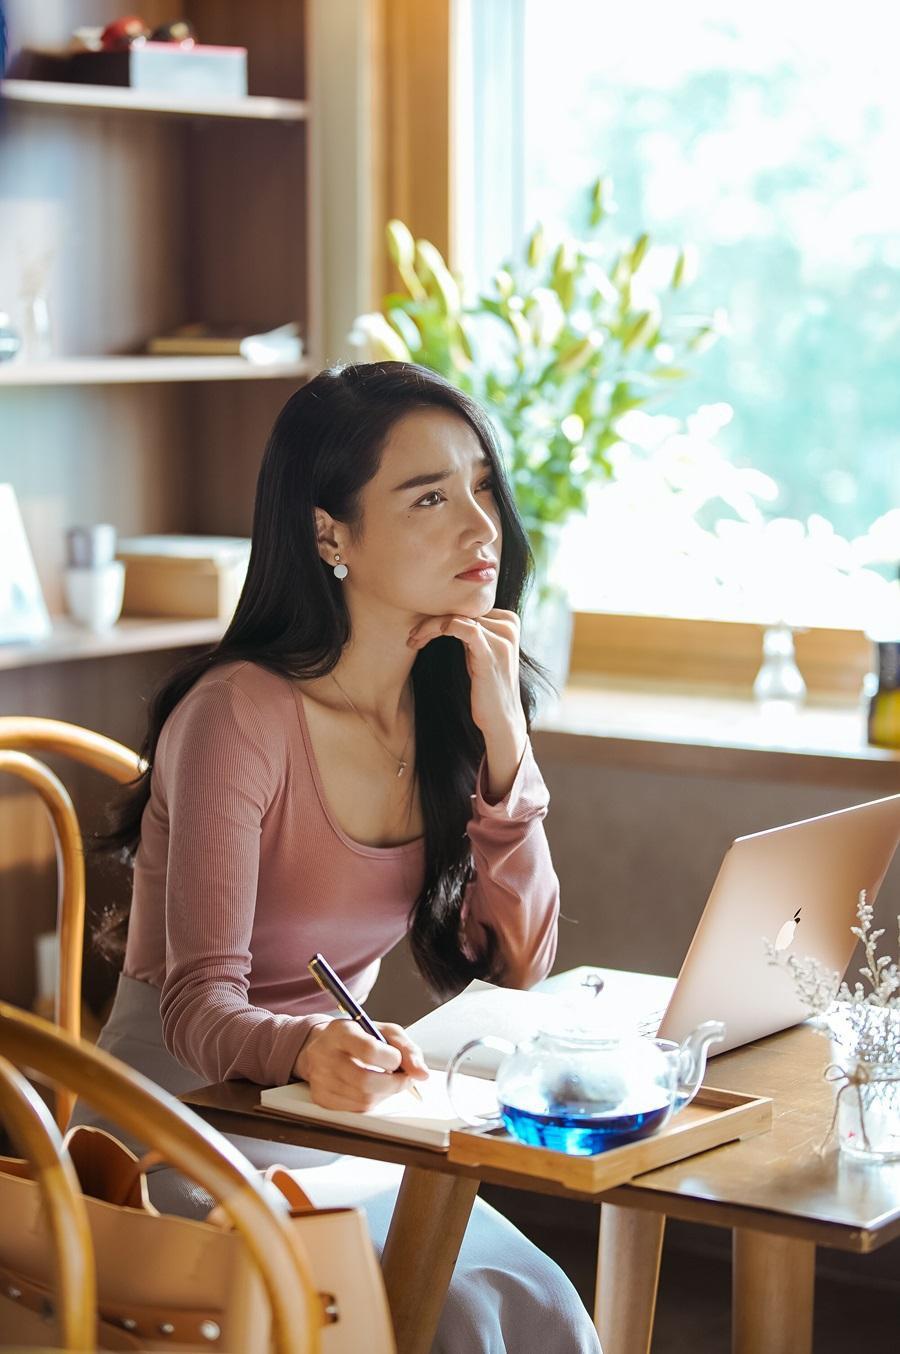 """Đạo diễn Nhất Trung xác nhận Nhã Phương là nữ chính """"mắc bệnh ngôi sao"""", phía diễn viên nhanh chóng có lời đáp trả"""